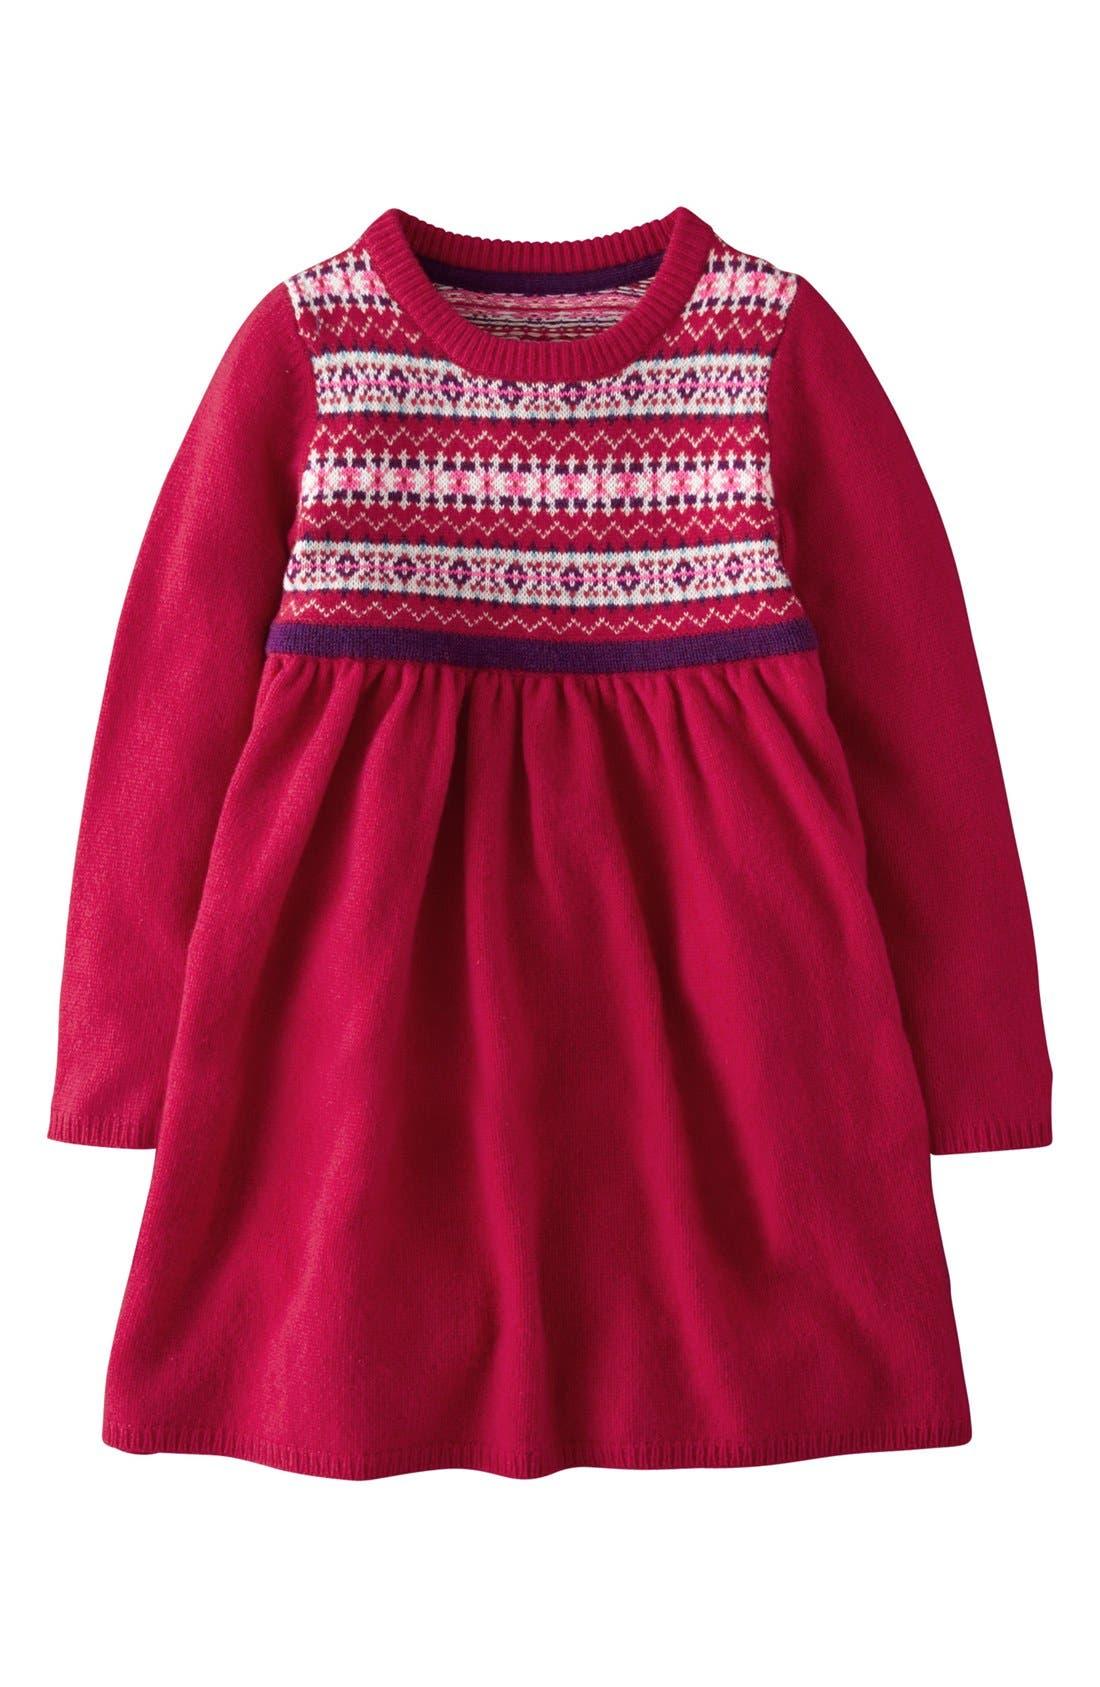 Mini Boden Fair Isle Knit Dress (Toddler Girls) | Nordstrom